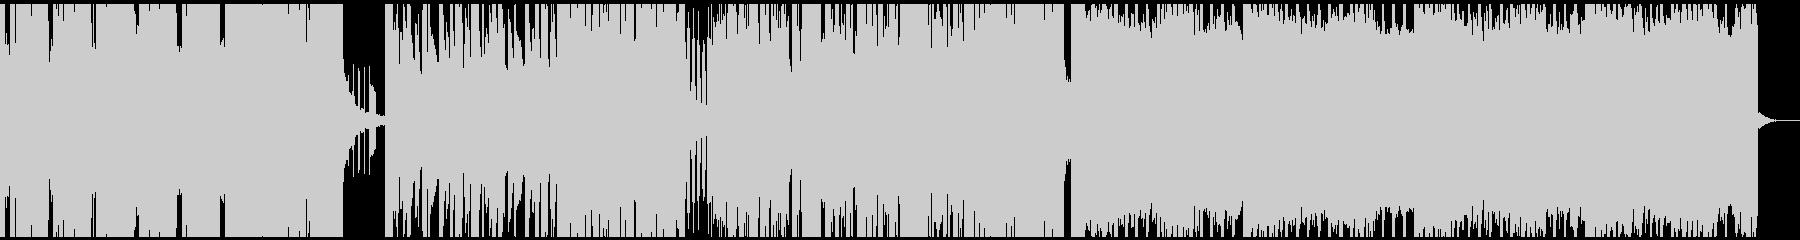 loop使用のdubstepの未再生の波形